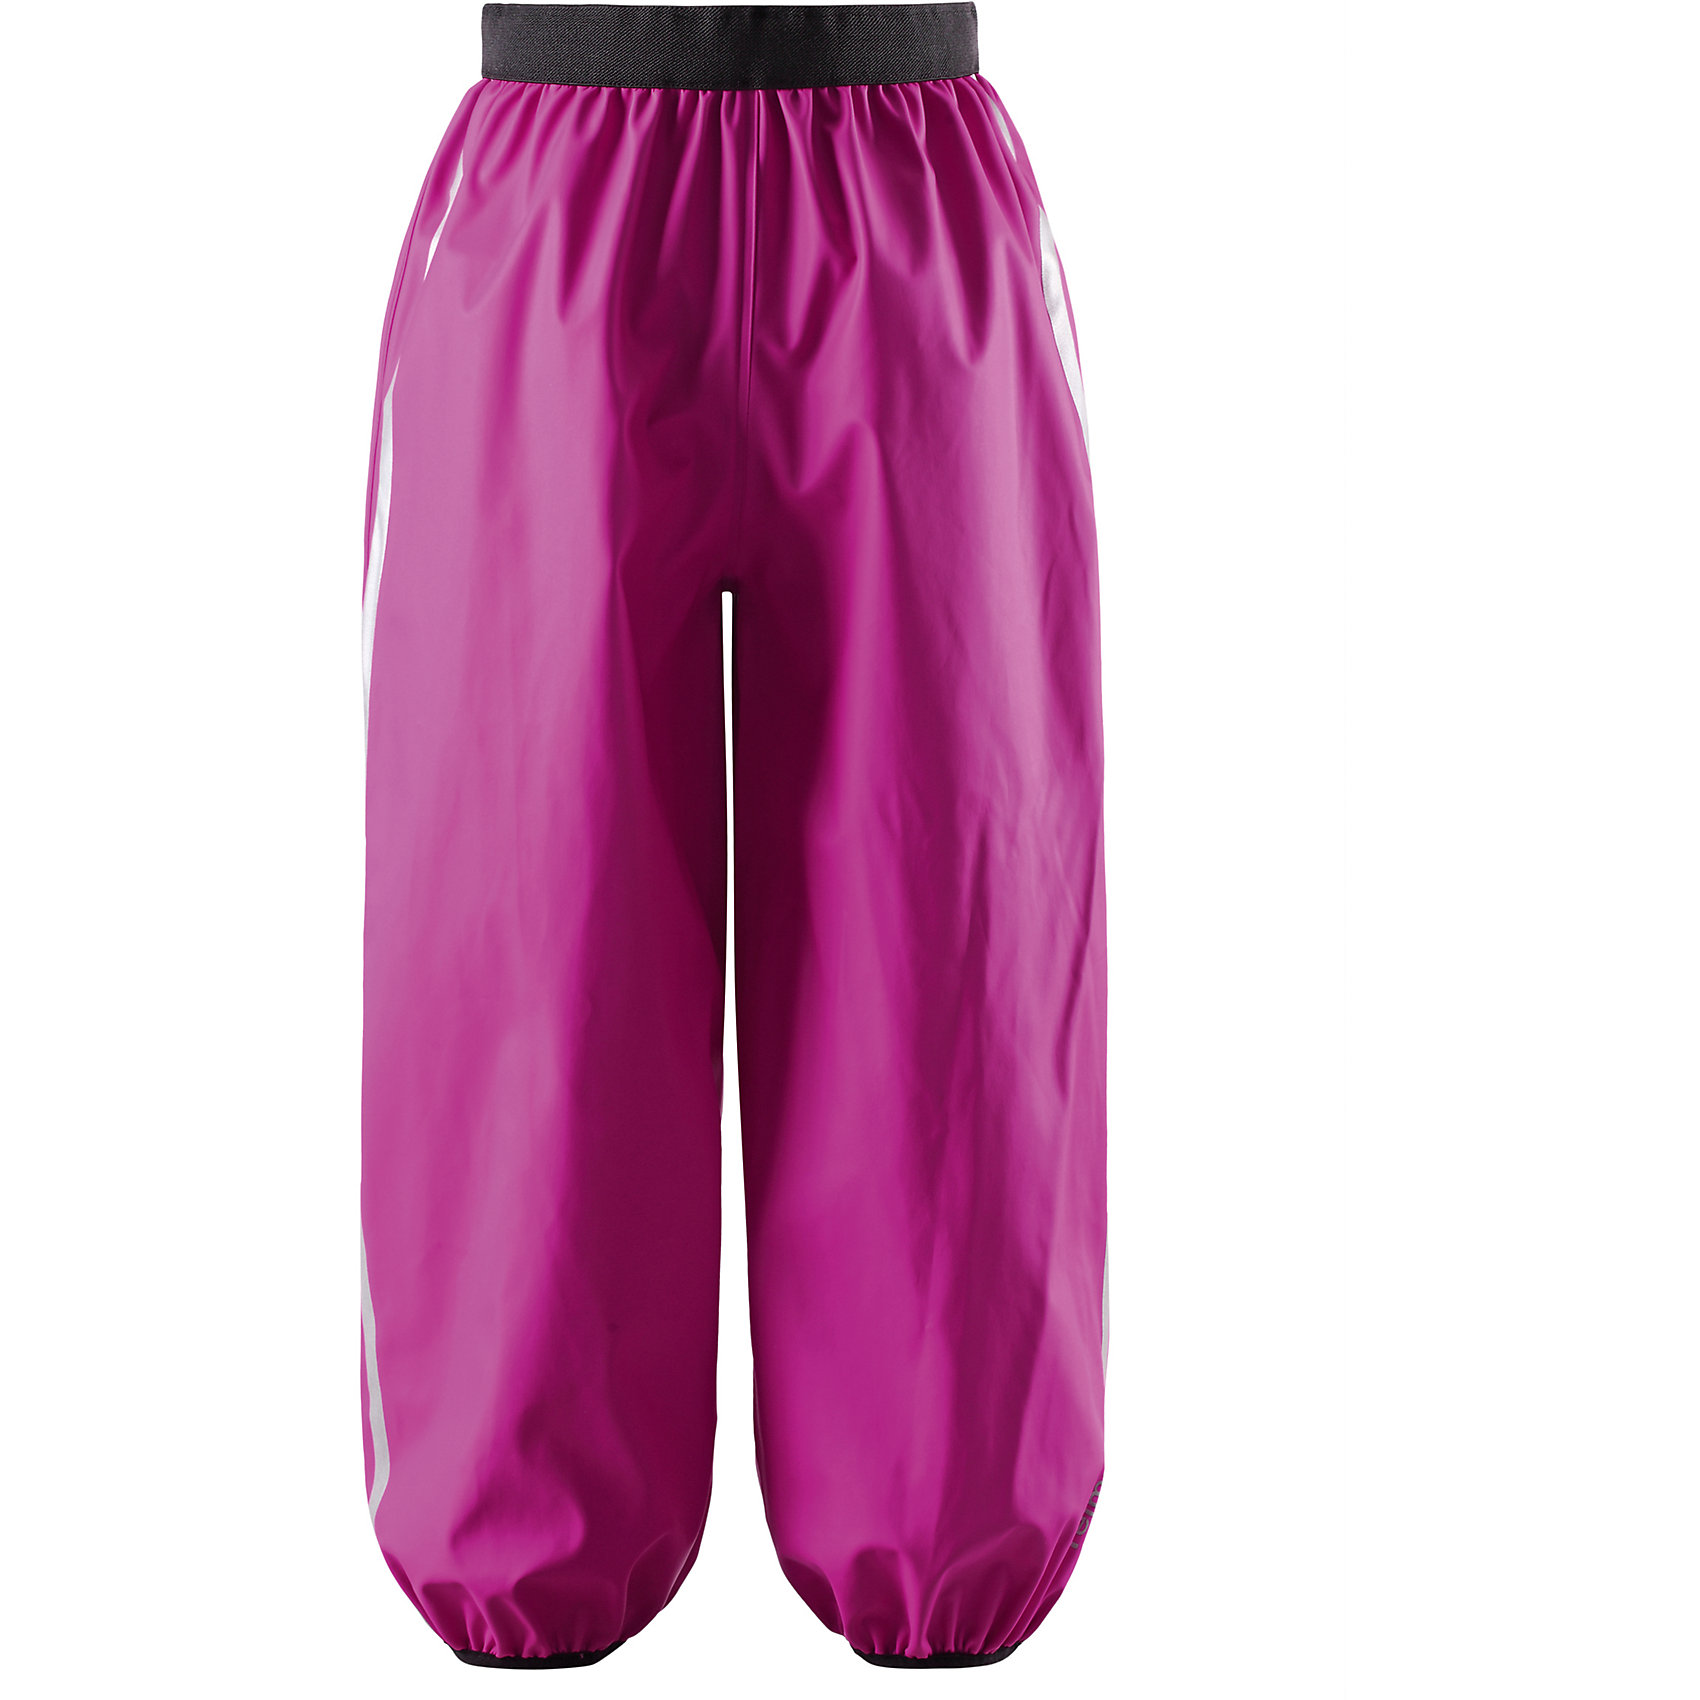 Непромокаемые брюки для девочки ReimaУ этих классических брюк для детей для дождливой погоды достаточно пространства для добавления теплых слоев Reima под низ. Водонепроницаемые запаянные швы гарантируют, что вода не проникнет внутрь. Эти износостойкие брюки для дождливой погоды разработаны для максимальной защиты и удобства во время дождя. Эластичный пояс обеспечивает хорошую посадку по фигуре, а съемные штрипки для размеров 104-128 см фиксируют низ брючин при движении. Светоотражающие детали обеспечивают безопасность после захода солнца. Материал не содержит ПВХ. Отличный вариант для дождливой погоды.<br><br>Дополнительная информация:<br><br>Детские брюки для дождливой погоды<br>Запаянные швы, не пропускающие влагу<br>Эластичный материал<br>Эластичная талия<br>Съемные штрипки в размерах от 104 до 128 см<br>Состав:<br>100% ПЭ, ПУ-покрытие<br>Уход:<br>Стирать по отдельности, вывернув наизнанку. Стирать моющим средством, не содержащим отбеливающие вещества. Полоскать без специального средства. Во избежание изменения цвета изделие необходимо вынуть из стиральной машинки незамедлительно после окончания программы стирки. Сушить при низкой температуре.<br><br>Ширина мм: 215<br>Глубина мм: 88<br>Высота мм: 191<br>Вес г: 336<br>Цвет: розовый<br>Возраст от месяцев: 108<br>Возраст до месяцев: 120<br>Пол: Женский<br>Возраст: Детский<br>Размер: 116,110,104,134,128,140,122<br>SKU: 4497511